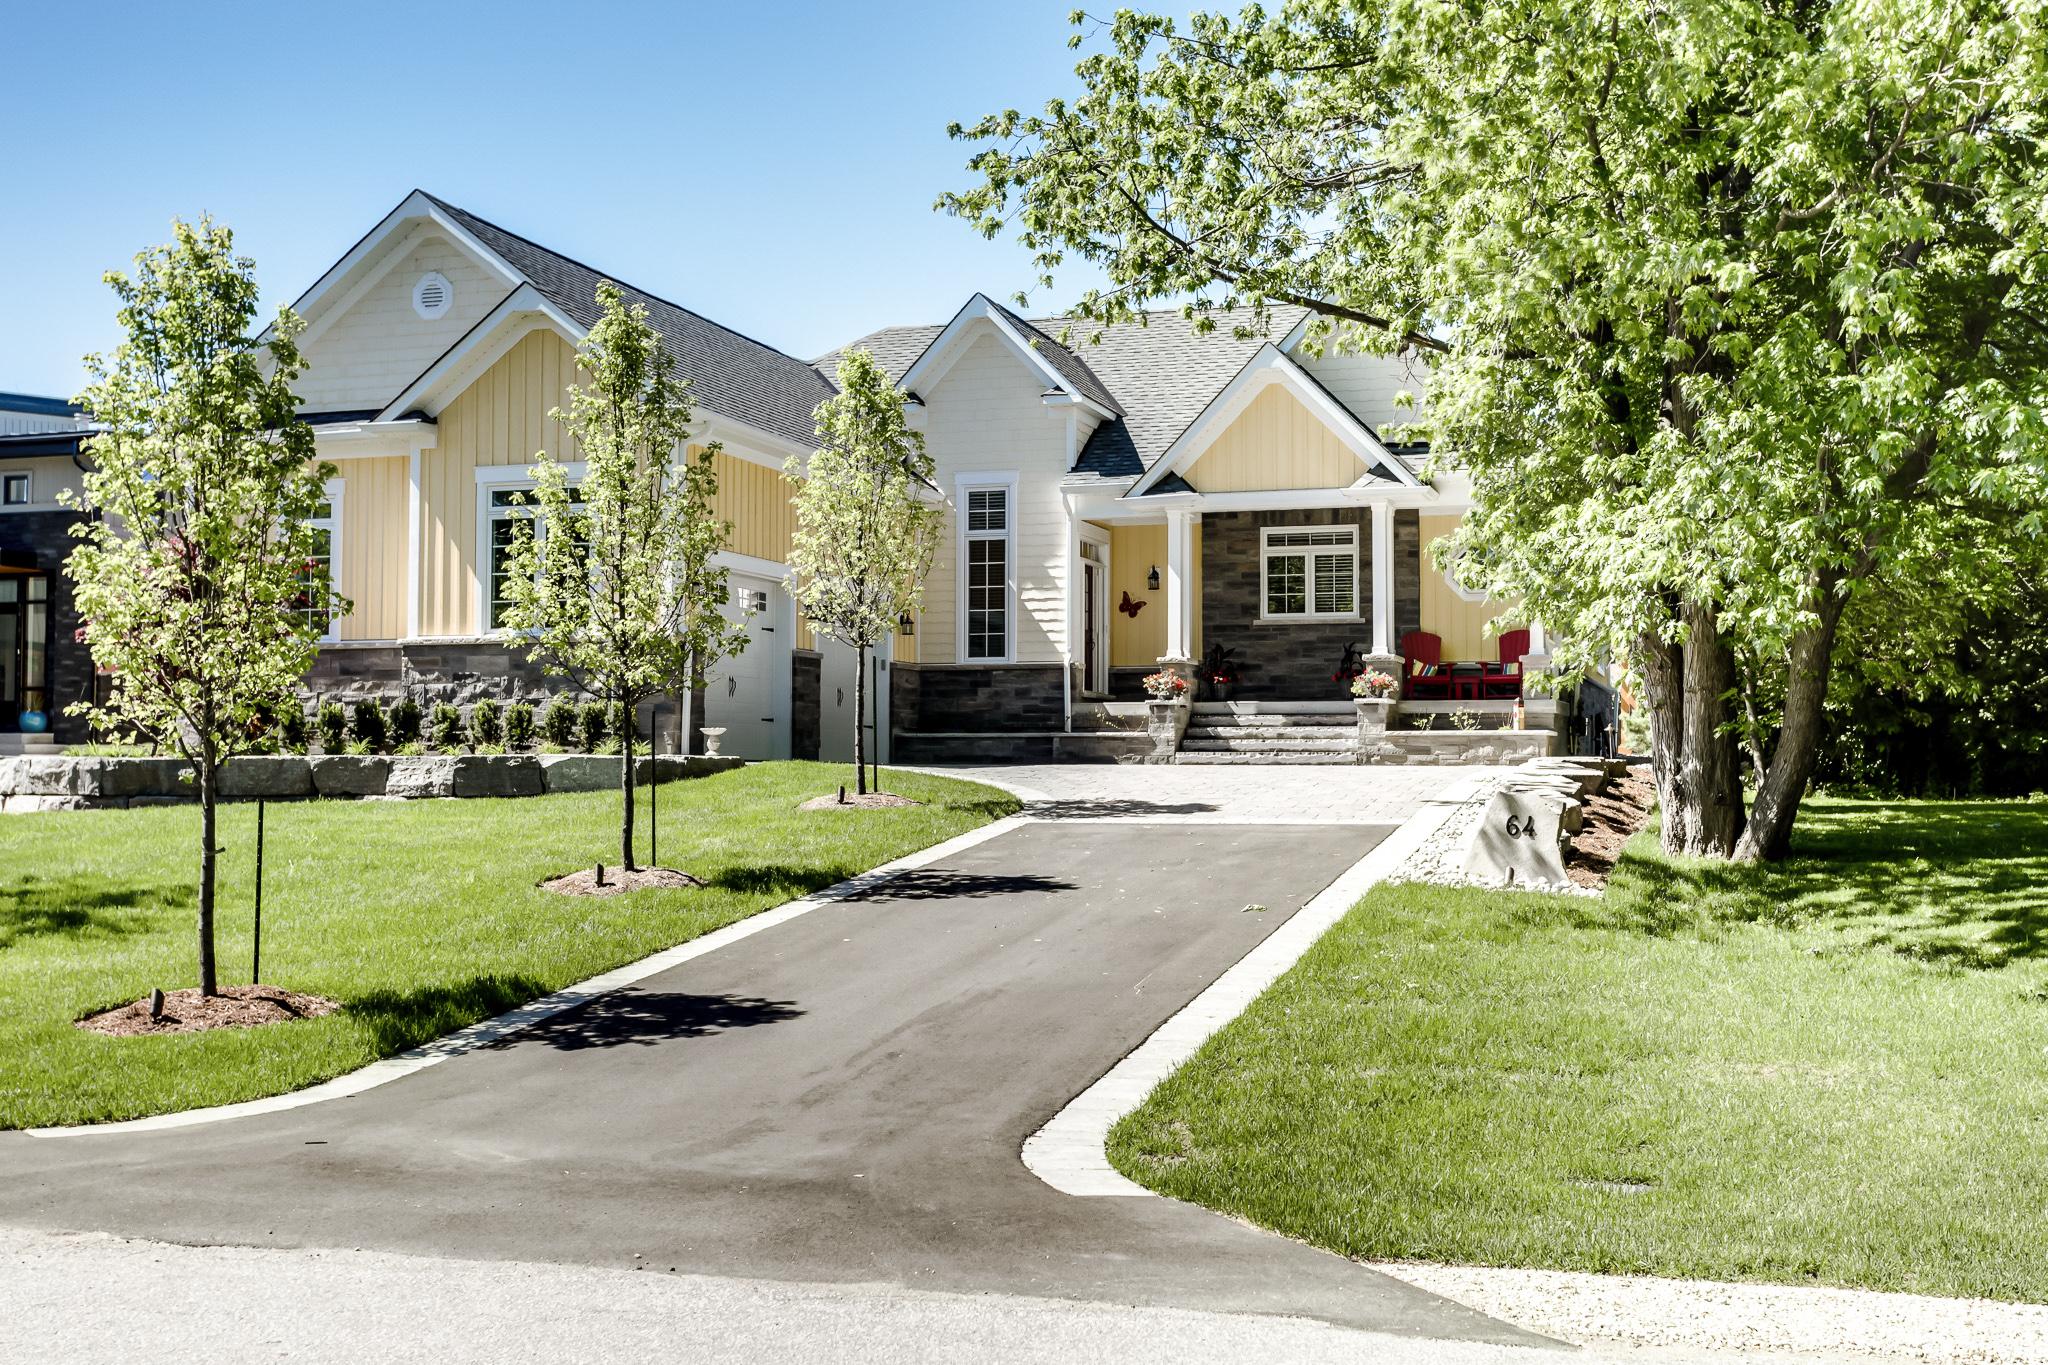 018-VanderMeer-Homes-websize-1599.jpg